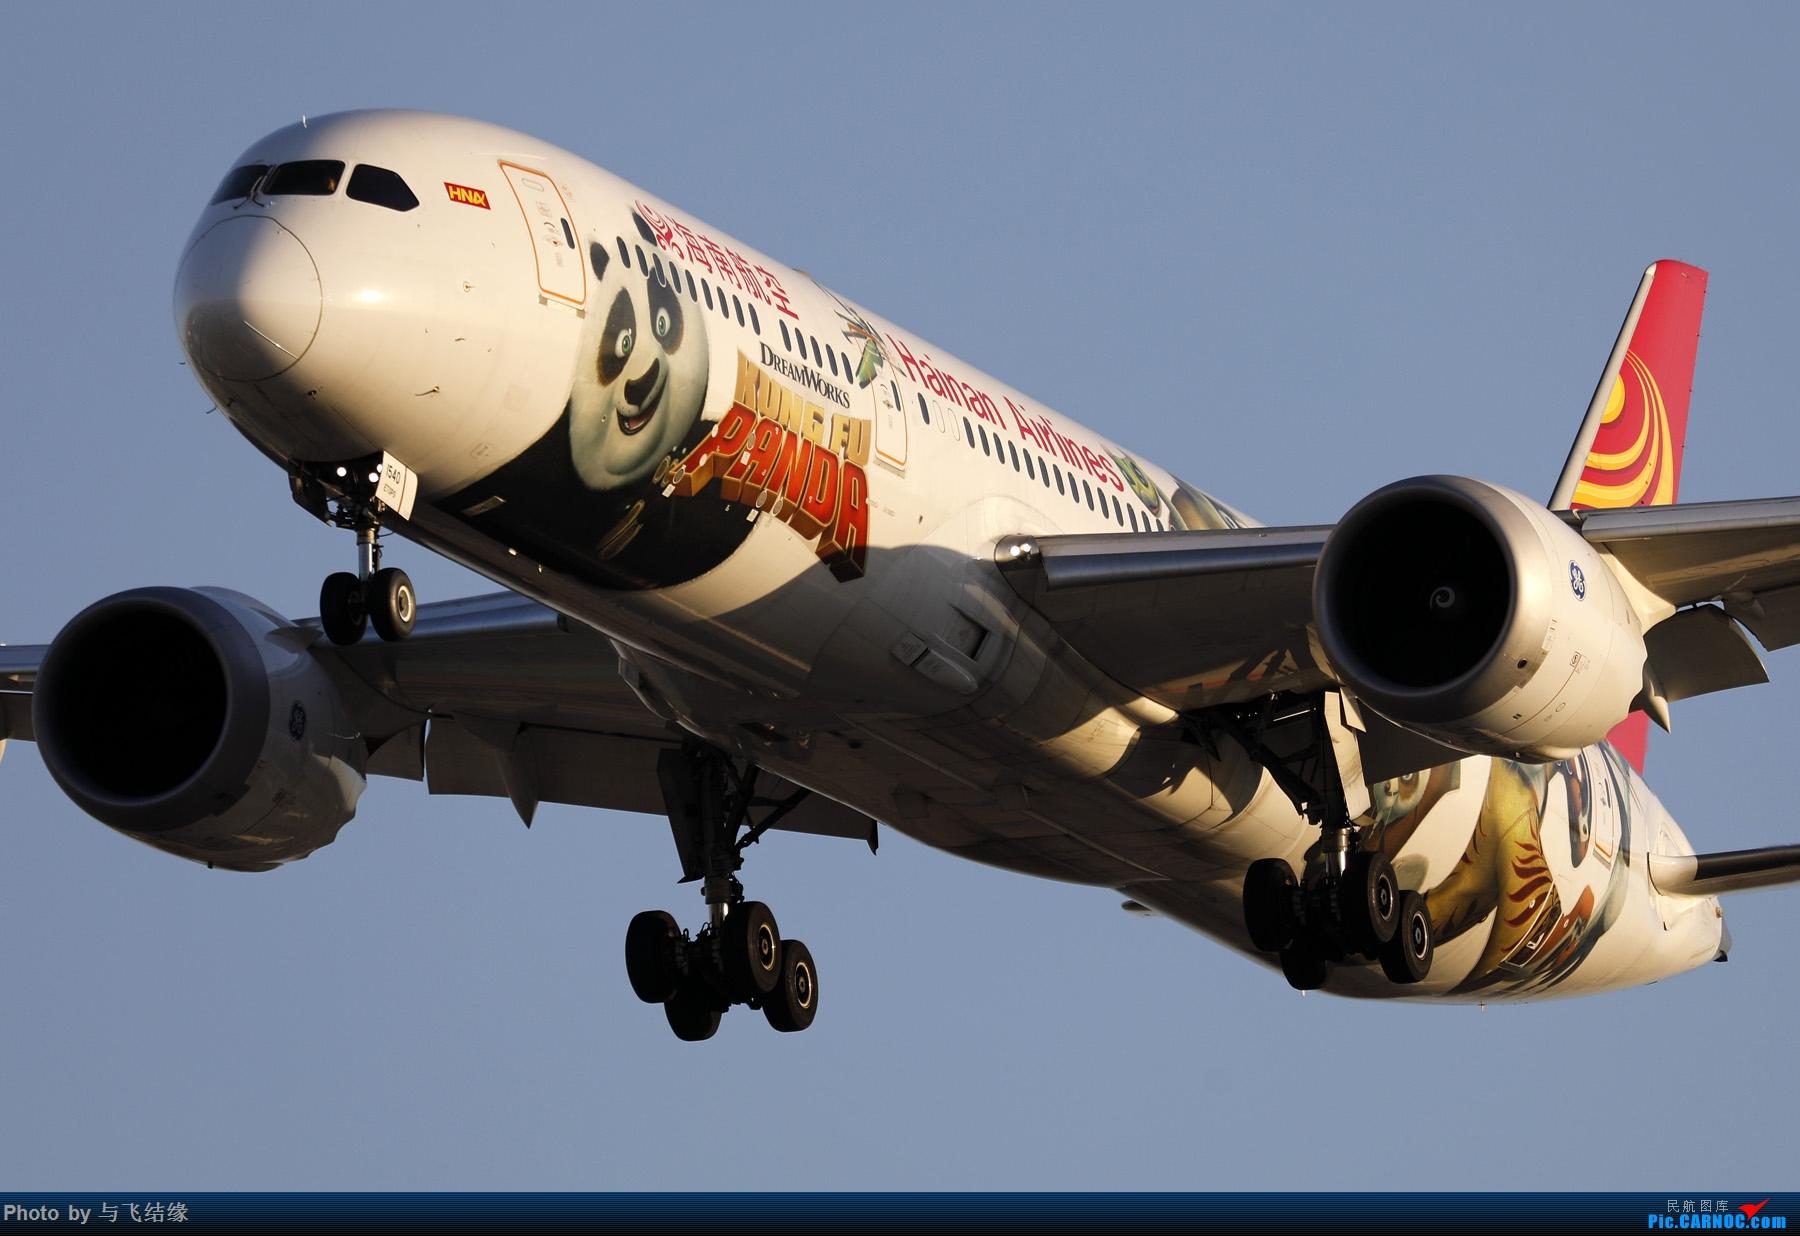 """Re:农历三十再发一贴,祝朋友们新年""""猪""""事顺利,吉祥如意! BOEING 787-9 B-1540 中国北京首都国际机场"""